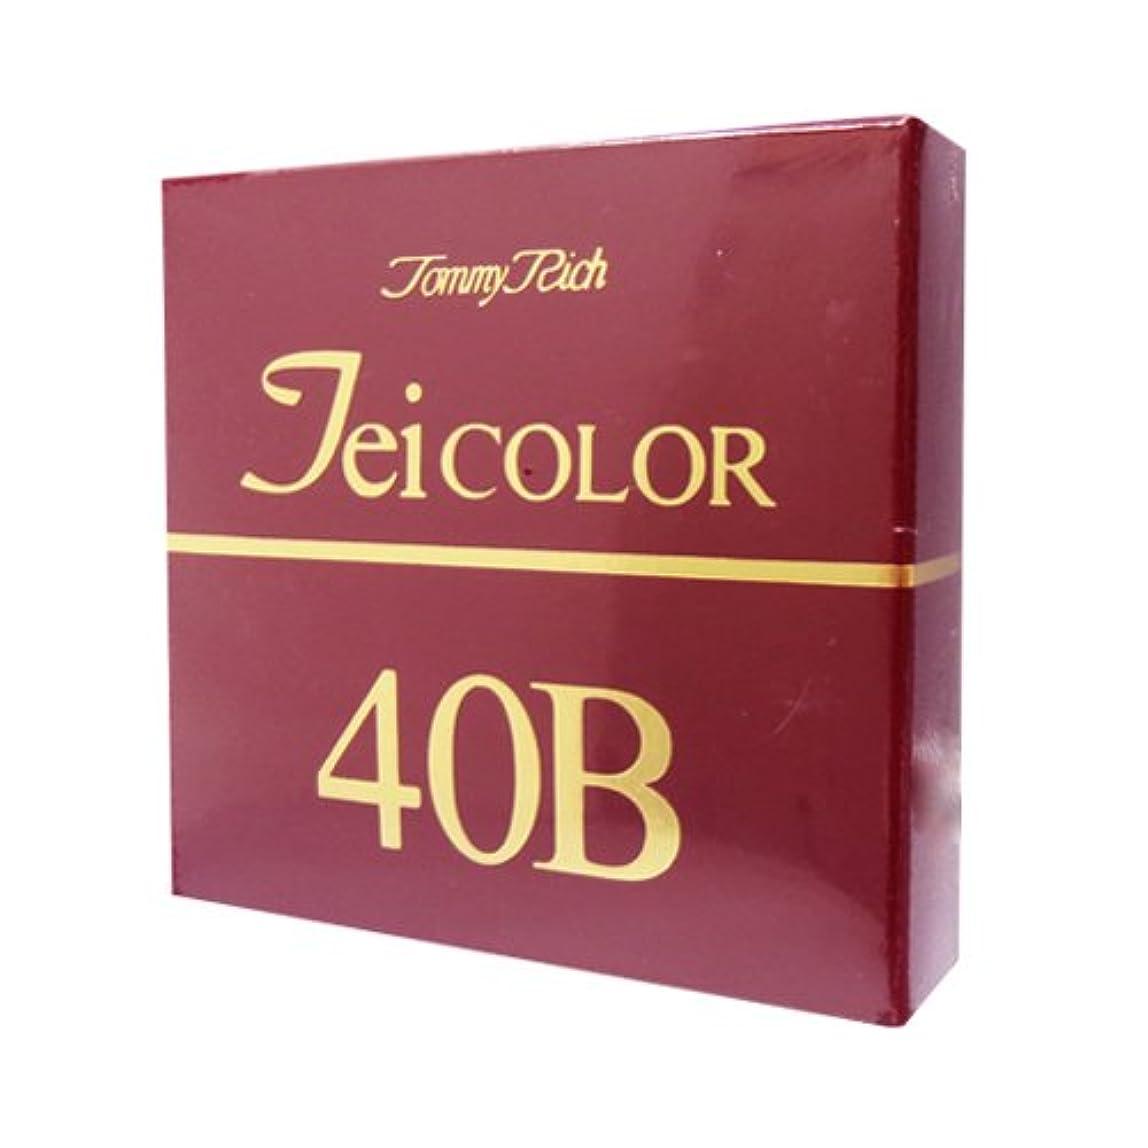 保護するアトムブロッサムトミーリッチ TEIカラー 40B(色白肌用)